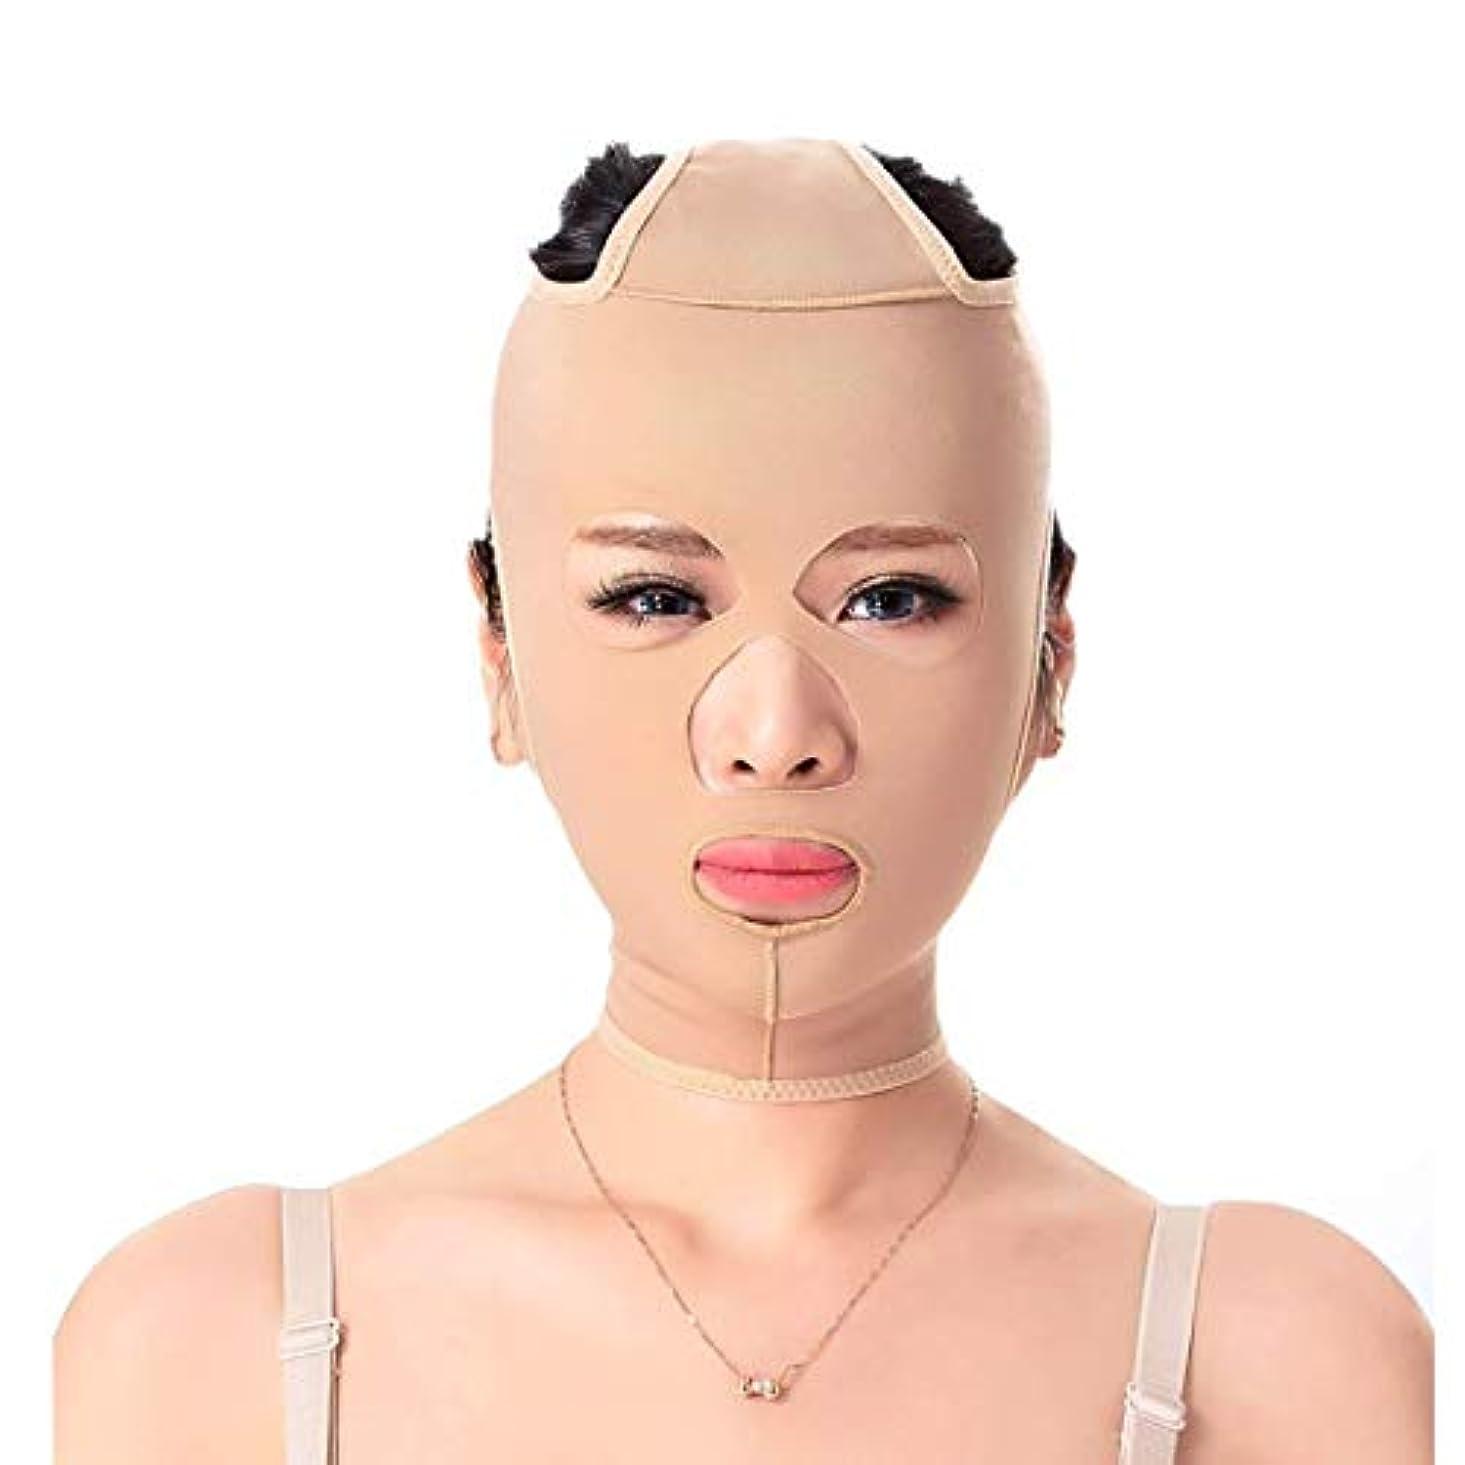 はぁキャプション貫通Slim身ベルト、フェイシャルマスクフェイスプラスチック顔Arを引き締めるダブルあごを持ち上げるパターンを布布する薄いフェイスマスクtifactパワフルフェイスバンデージ(サイズ:M)